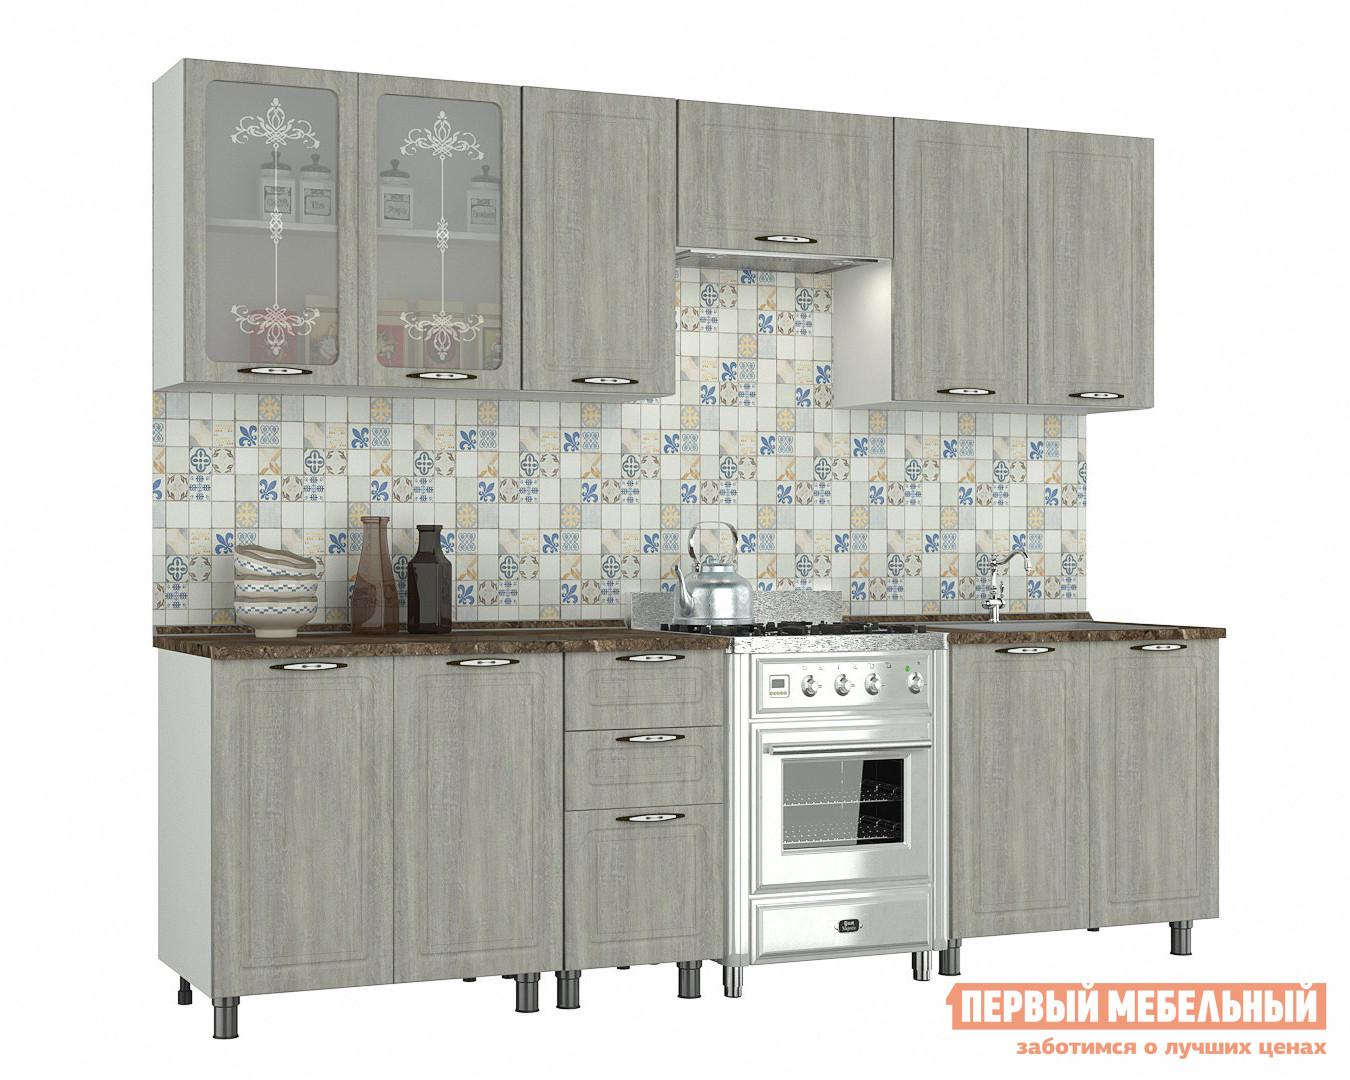 Кухонный гарнитур Первый Мебельный Прованс 2,5 м